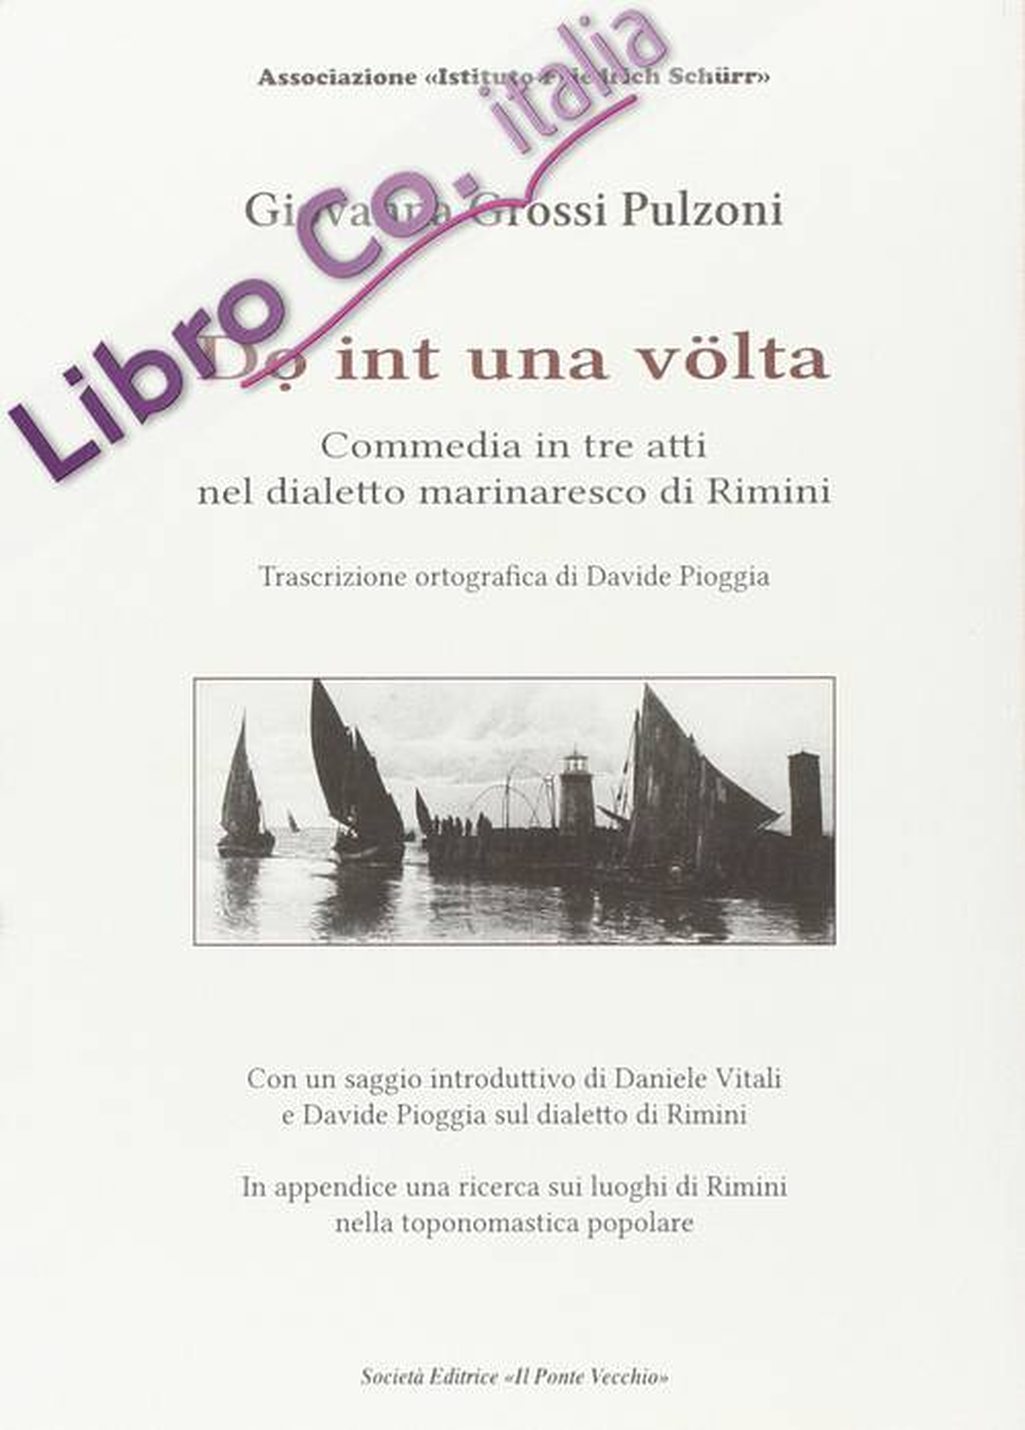 Do int una volta. Commedia in tre atti nel dialetto marinaresco di Rimini.